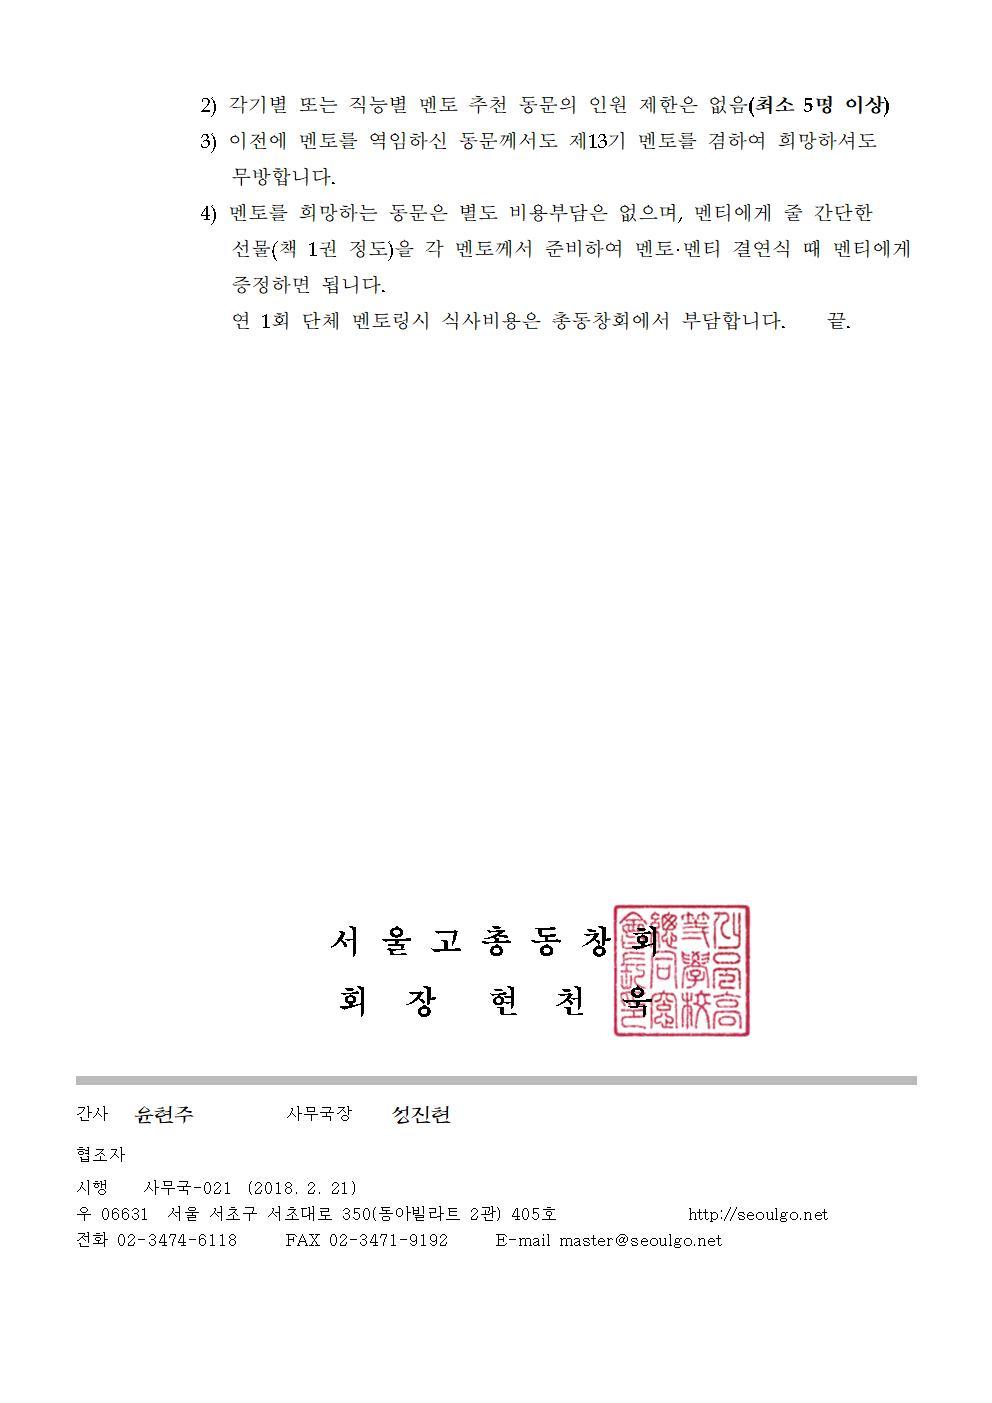 제13기 멘토추천의뢰(2018.2.20)2.jpg